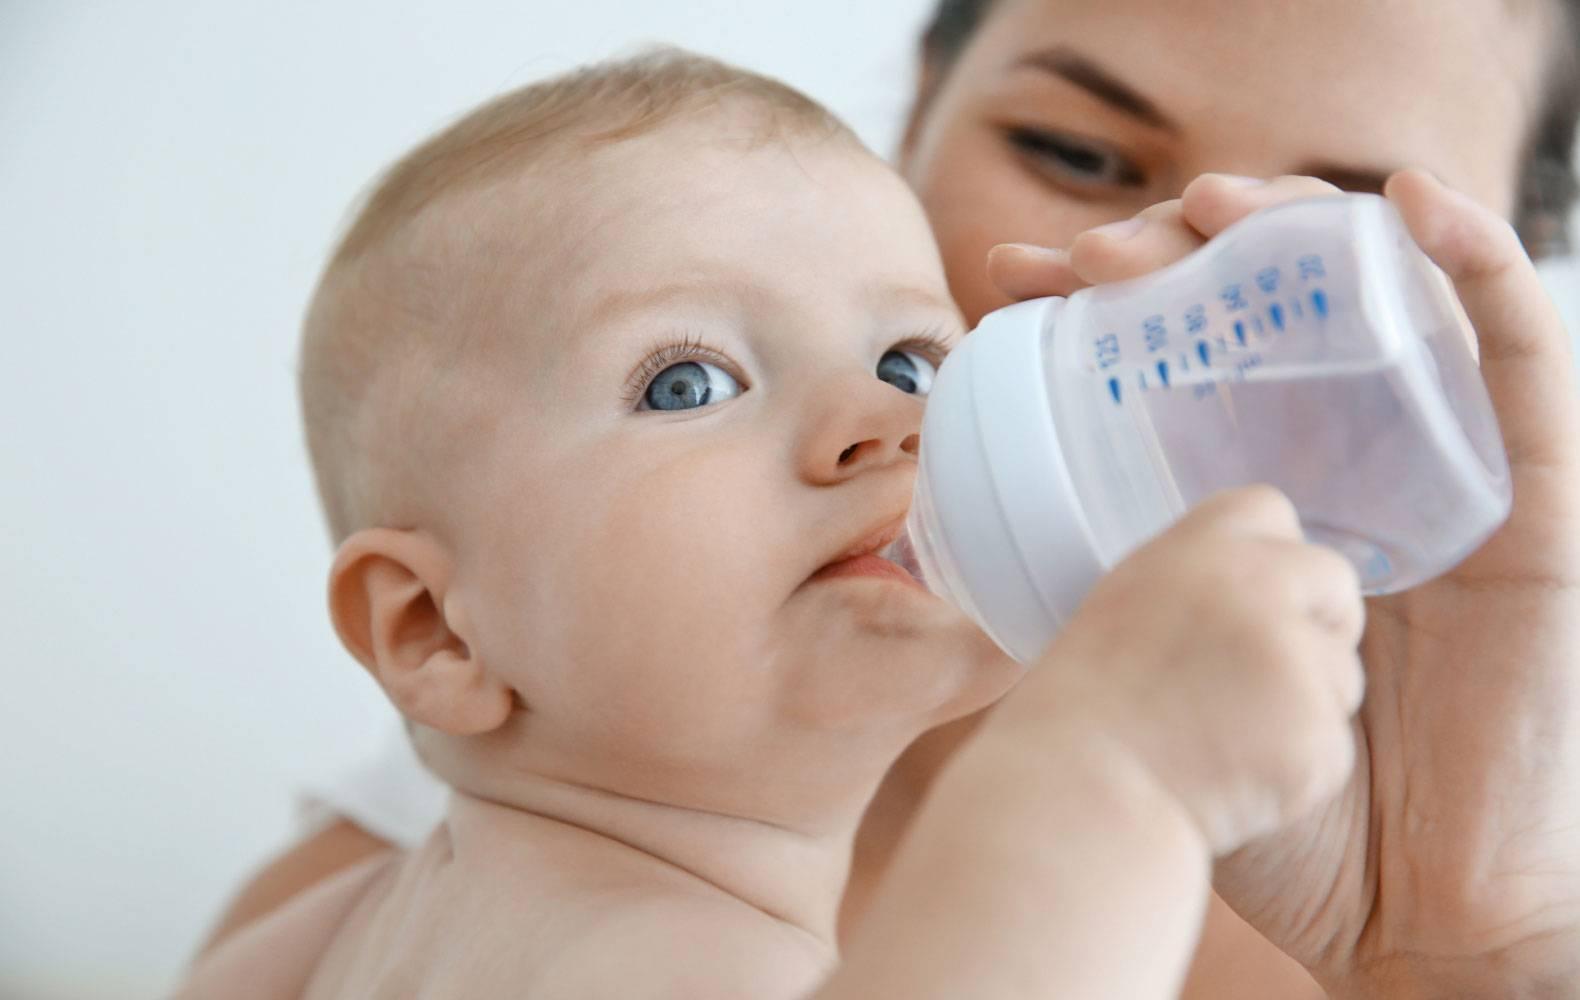 Пять правил допаивания грудничка водой при грудном вскармливании